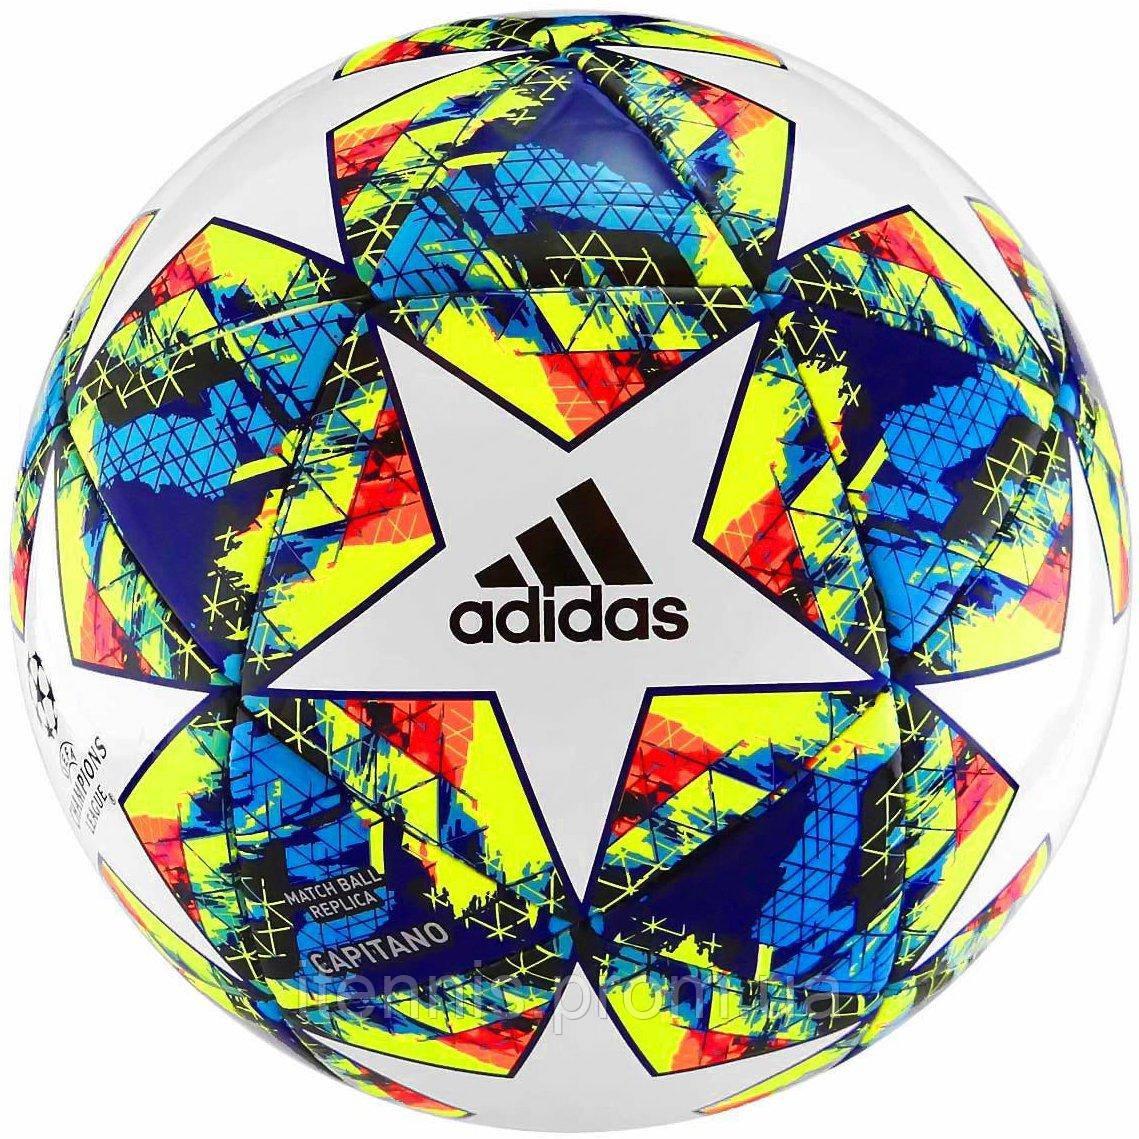 Футбольный мяч Adidas Finale Capitano 2019/20 size 5/4